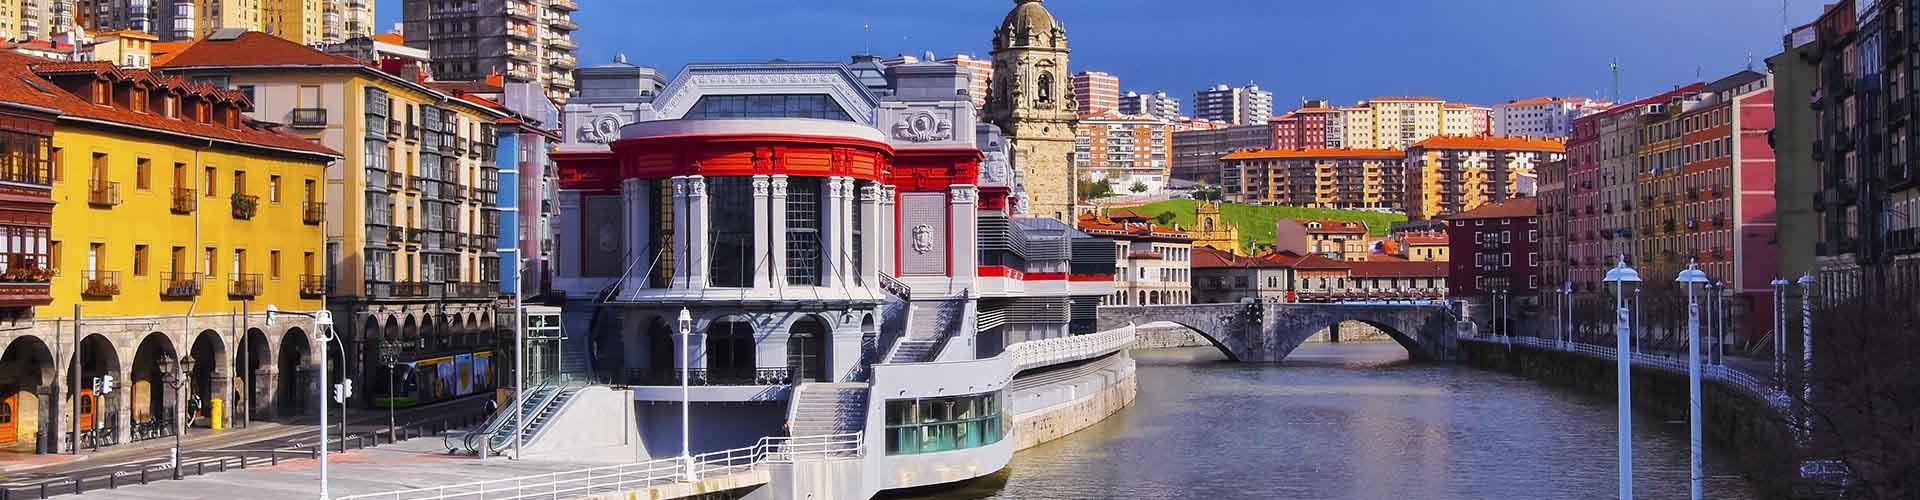 Bilbao - Hostales en el distrito Basurto-Zorroza. Mapas de Bilbao, Fotos y comentarios de cada Hostal en Bilbao.